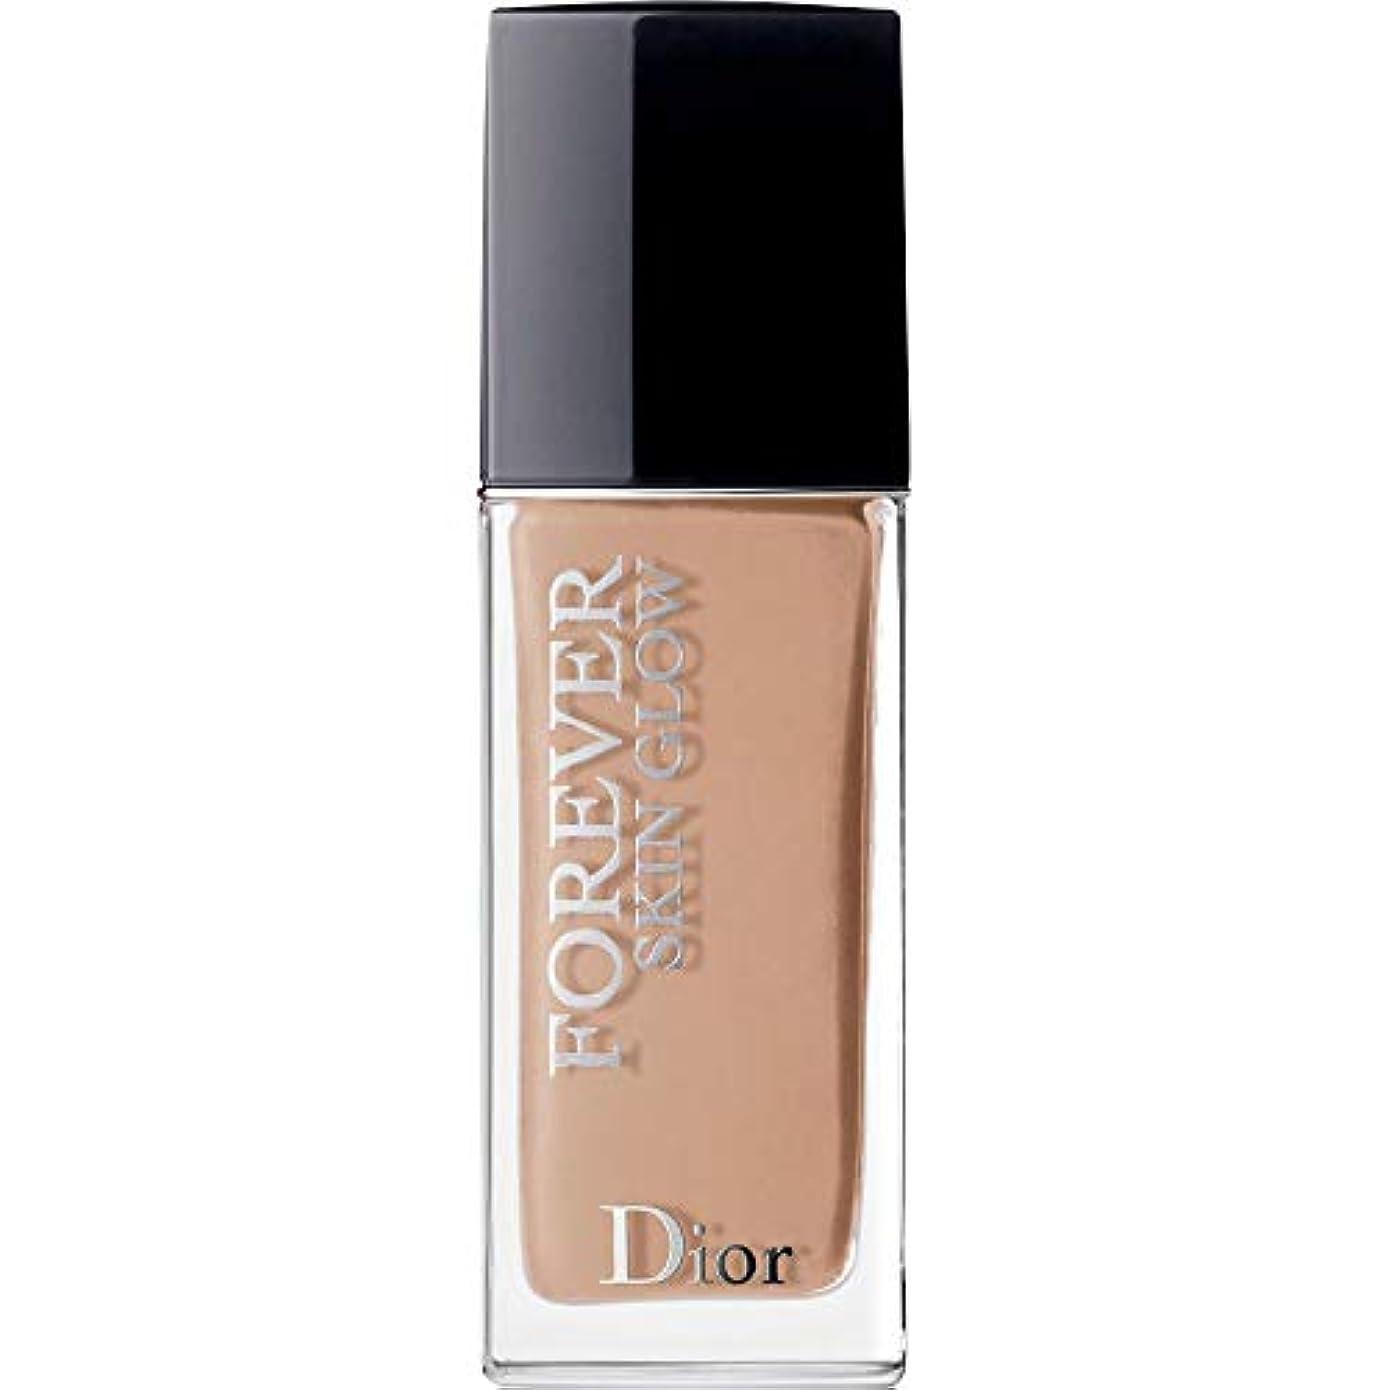 グローブタップパース[Dior ] ディオール永遠に皮膚グロー皮膚思いやりの基礎Spf35 30ミリリットル4Cを - クール(肌の輝き) - DIOR Forever Skin Glow Skin-Caring Foundation SPF35...